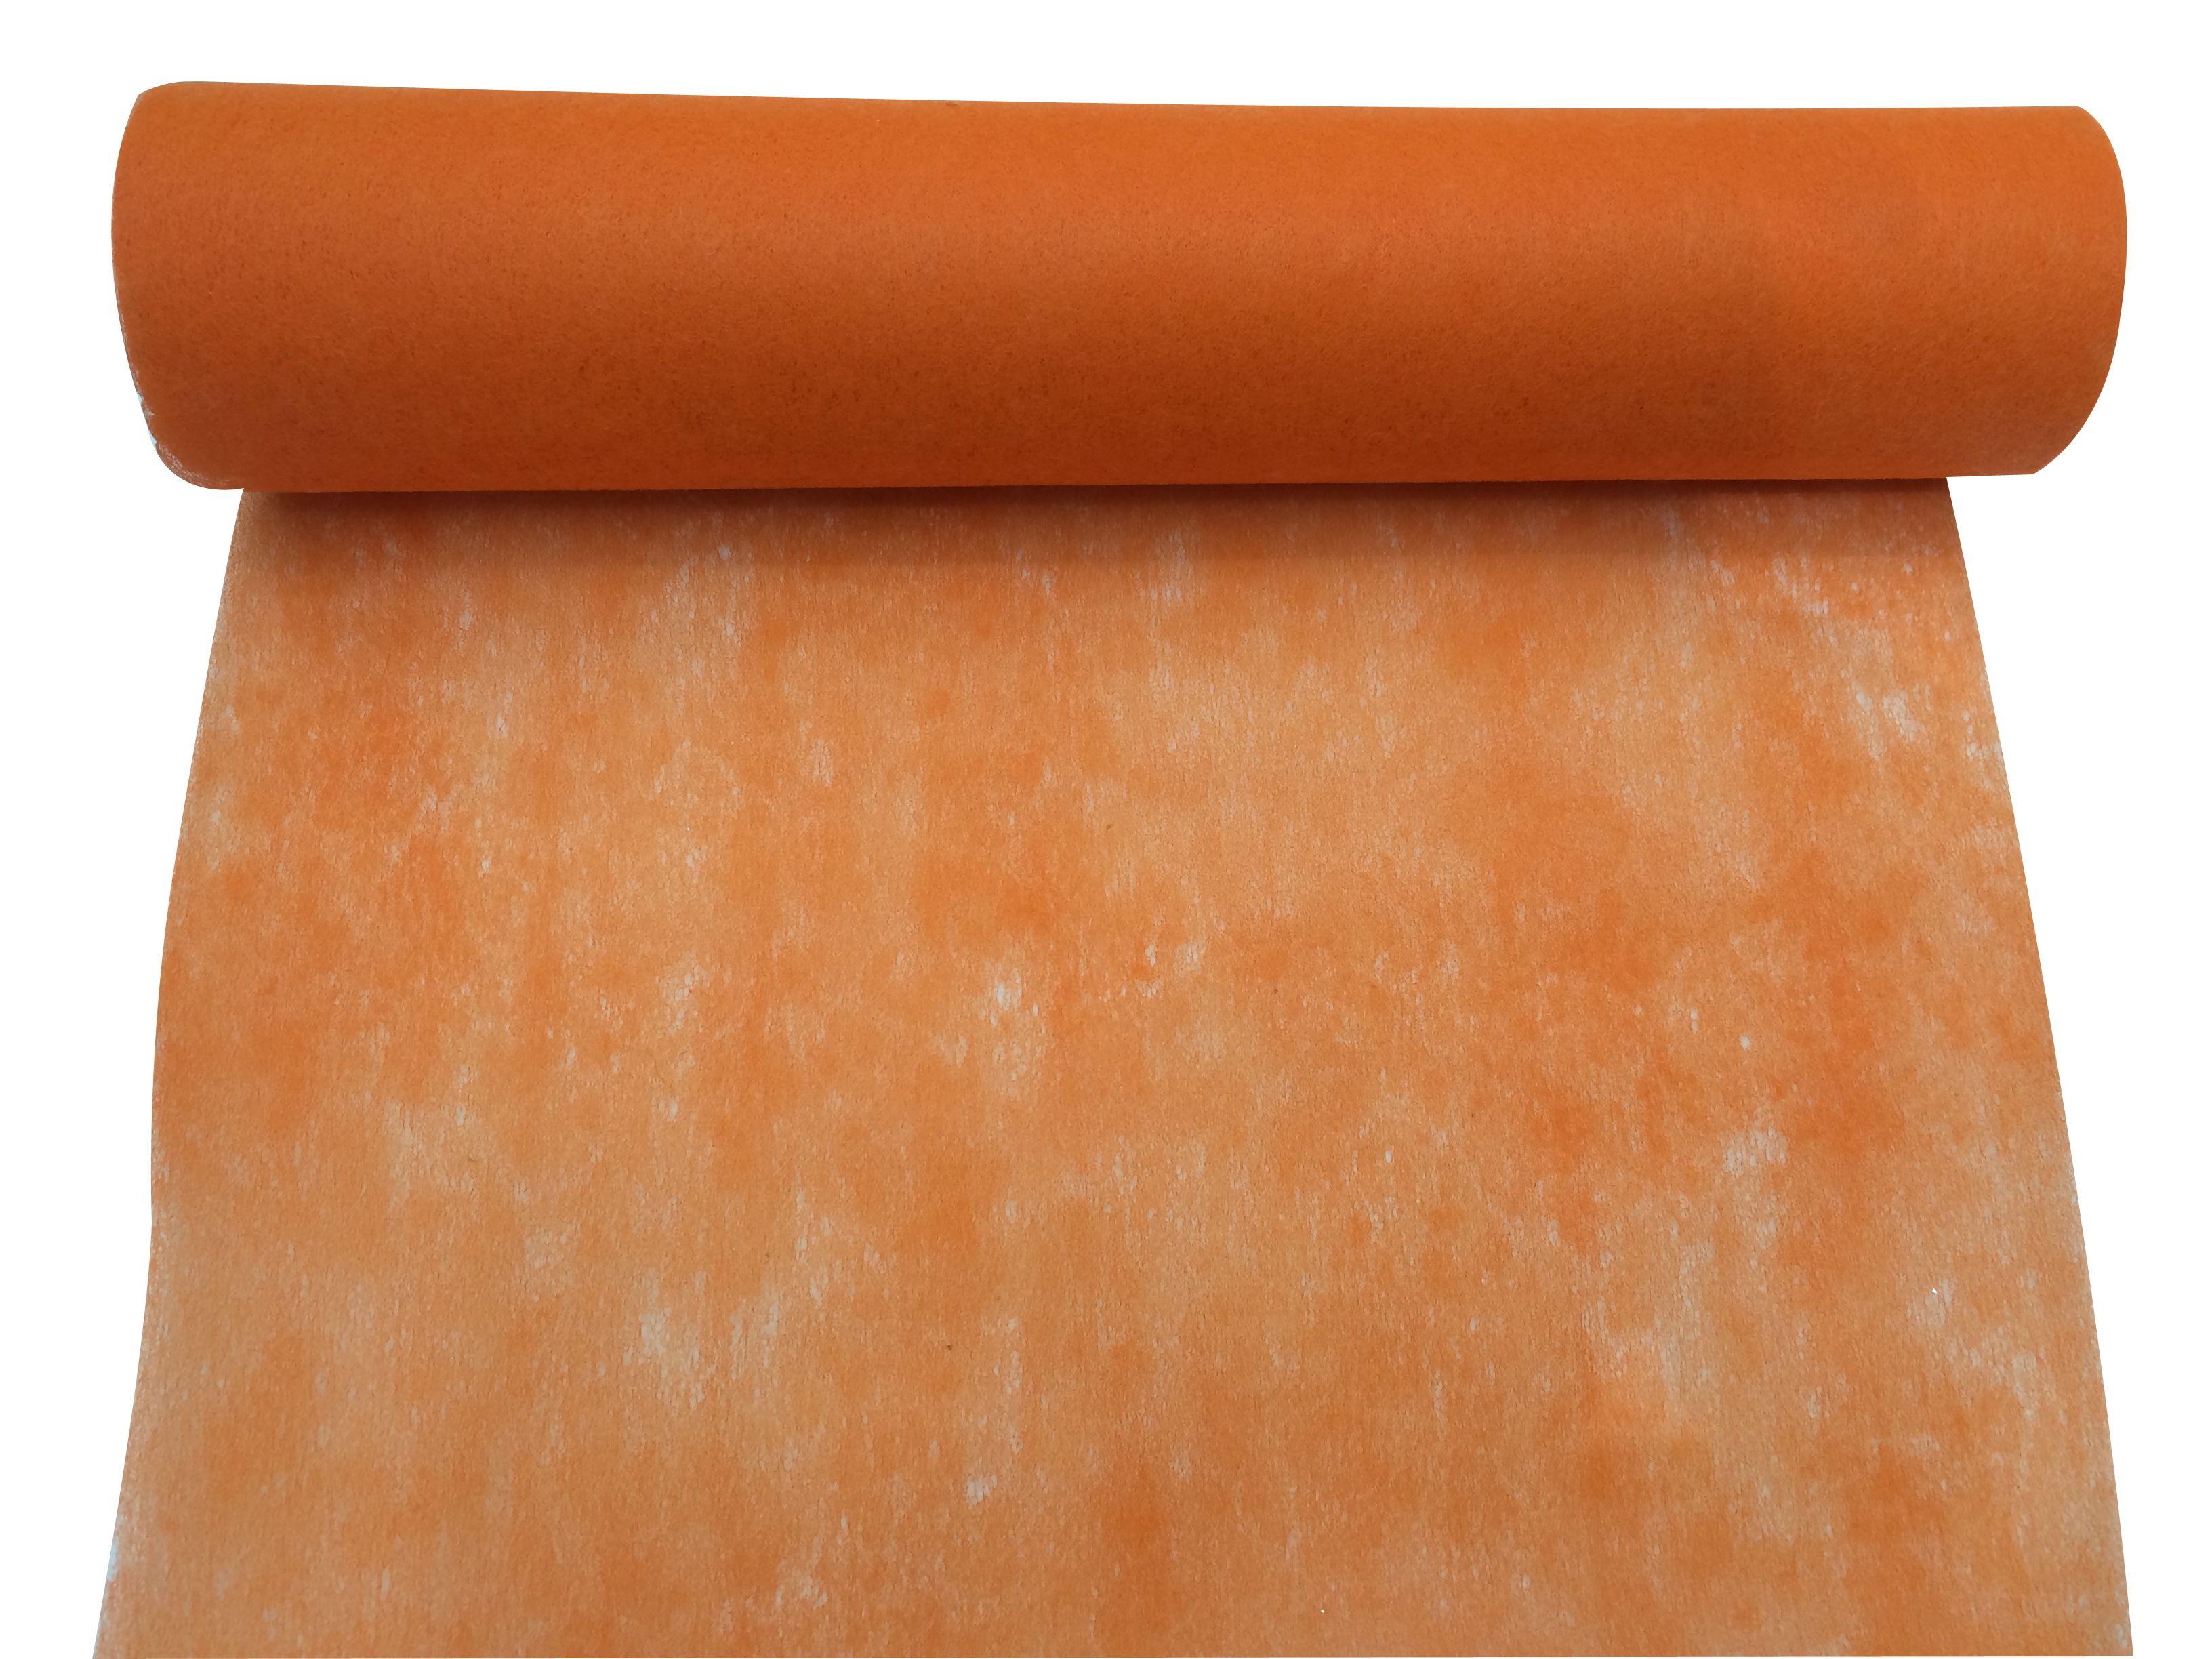 chemin de table rouleau intiss 30 cm x 5 m articles de f te vaisselles jetables le. Black Bedroom Furniture Sets. Home Design Ideas